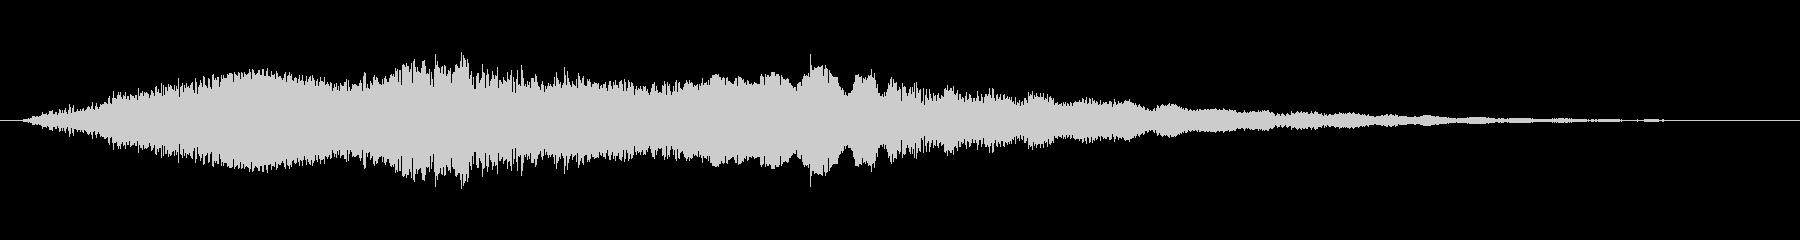 工業 ソフトメタルスクイークシンセ03の未再生の波形